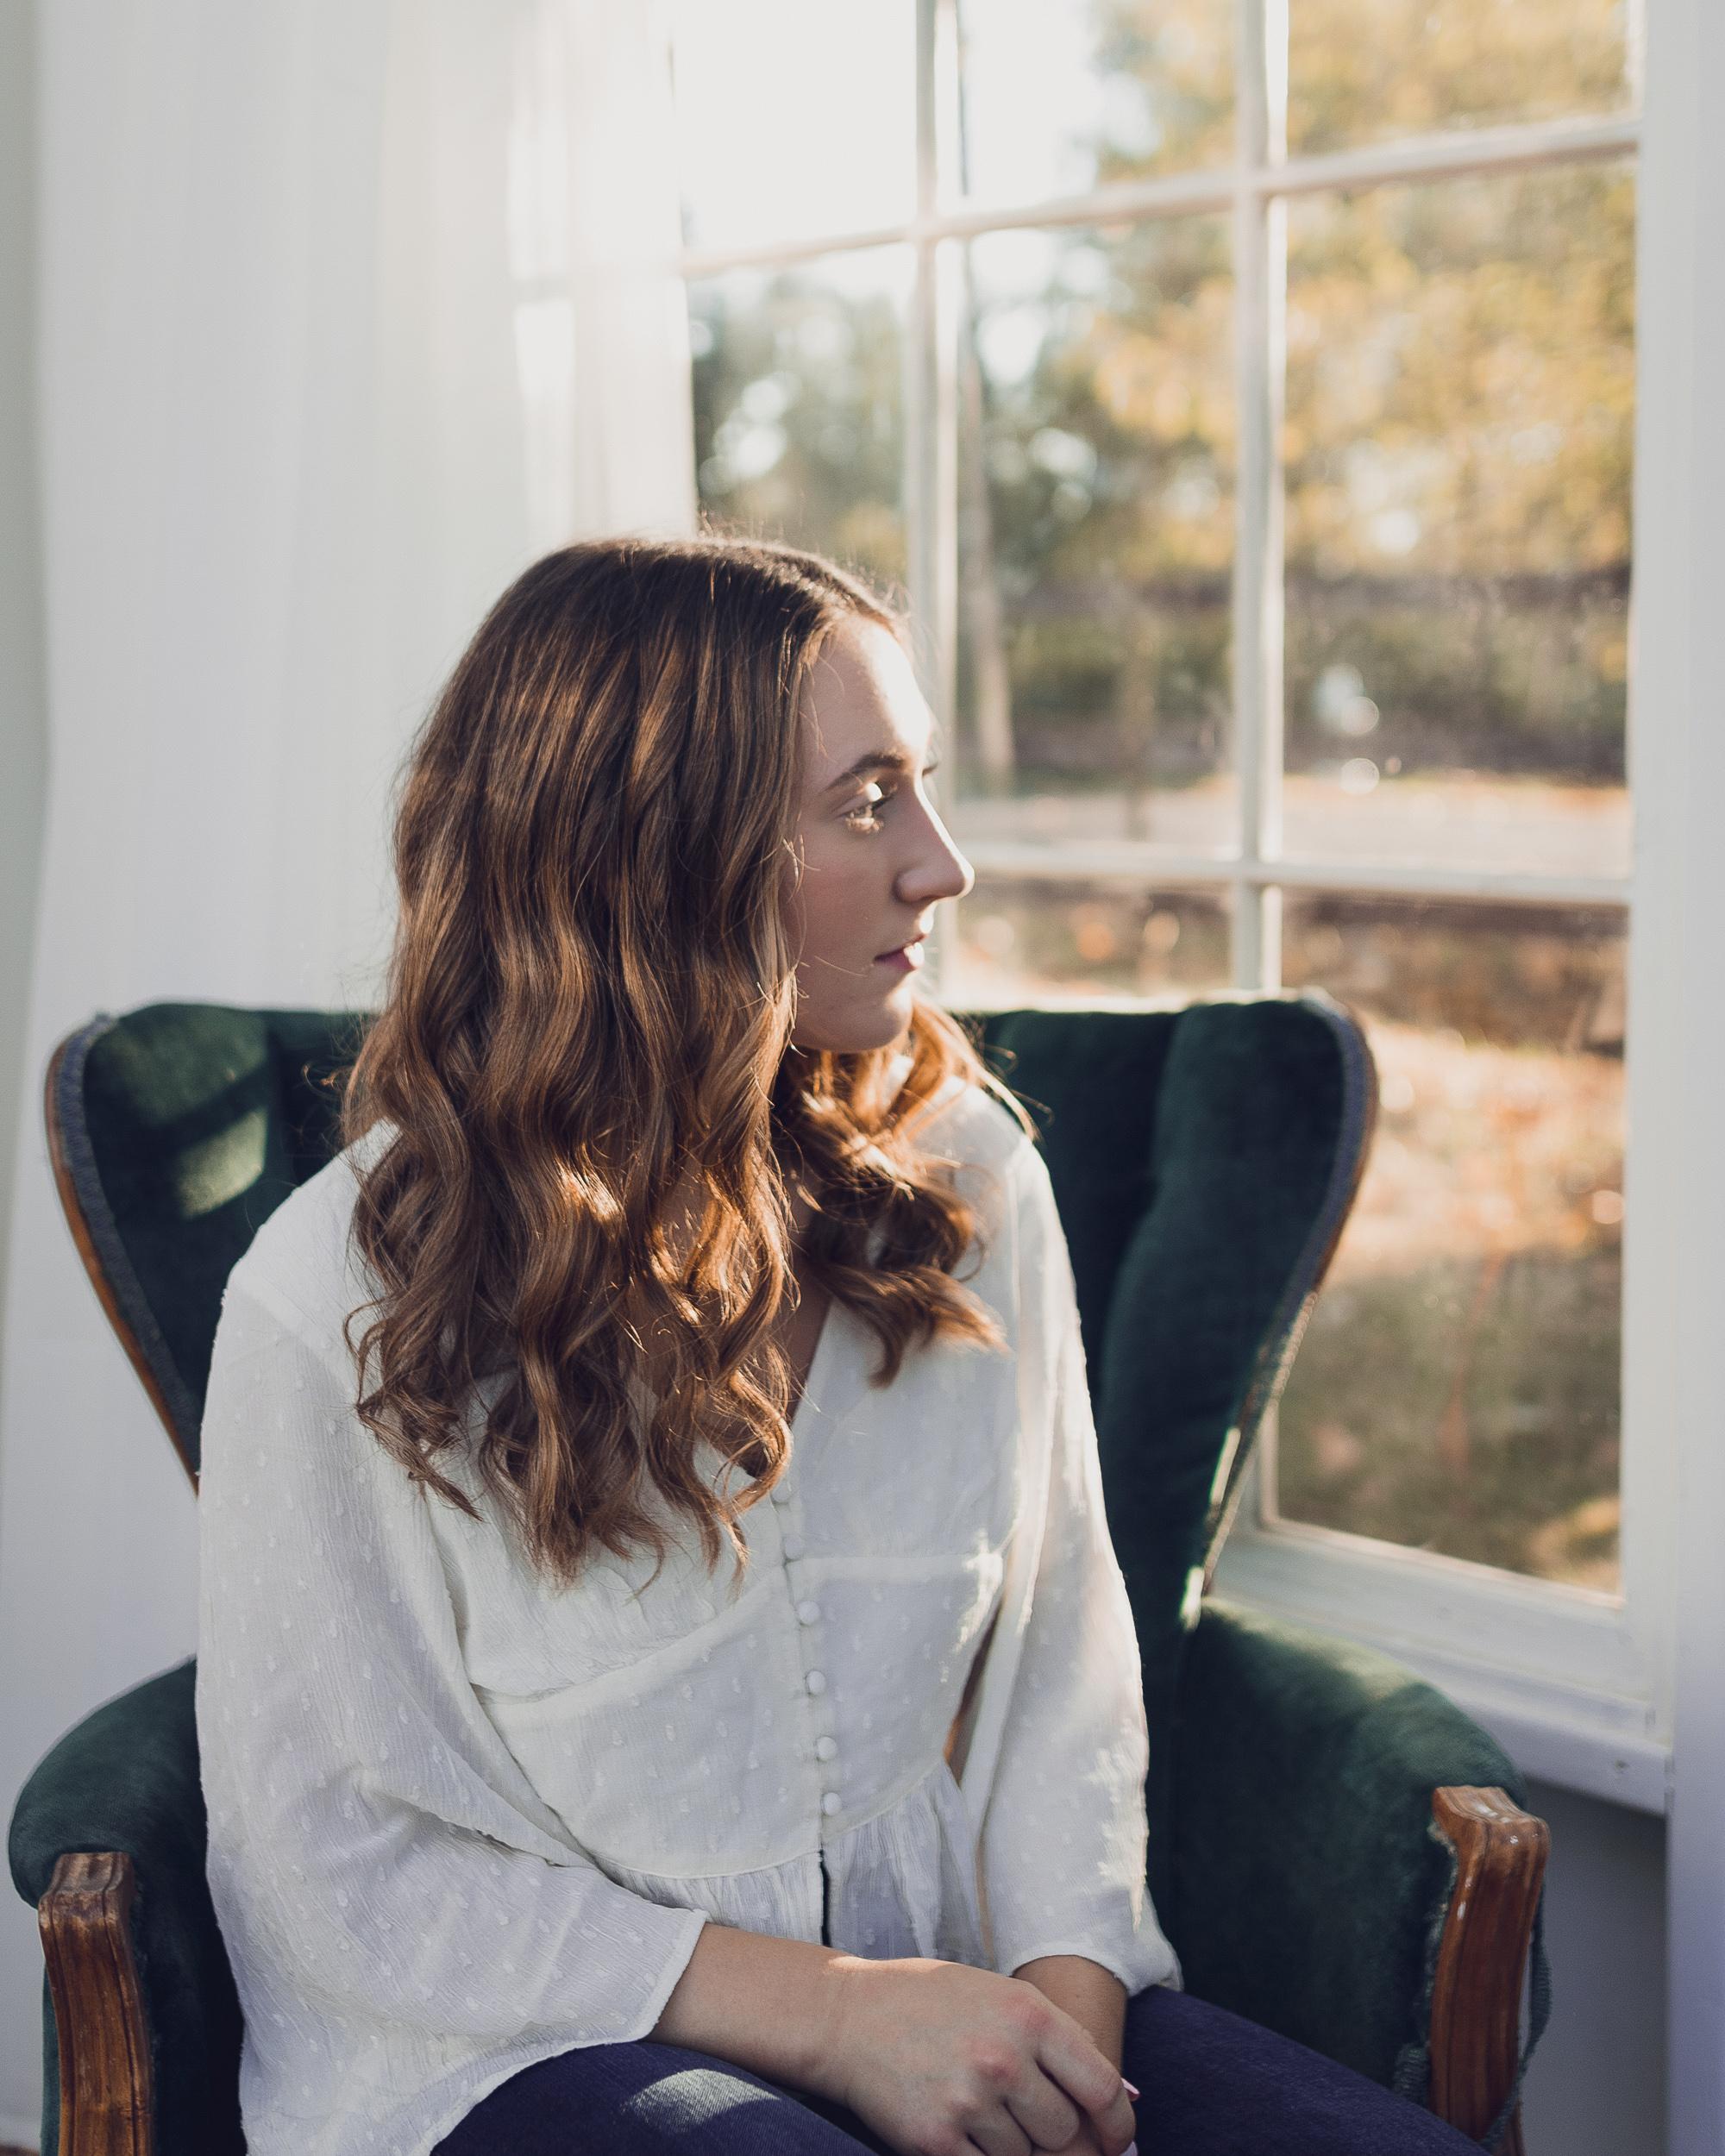 Seniorportraitsseattle-13.jpg